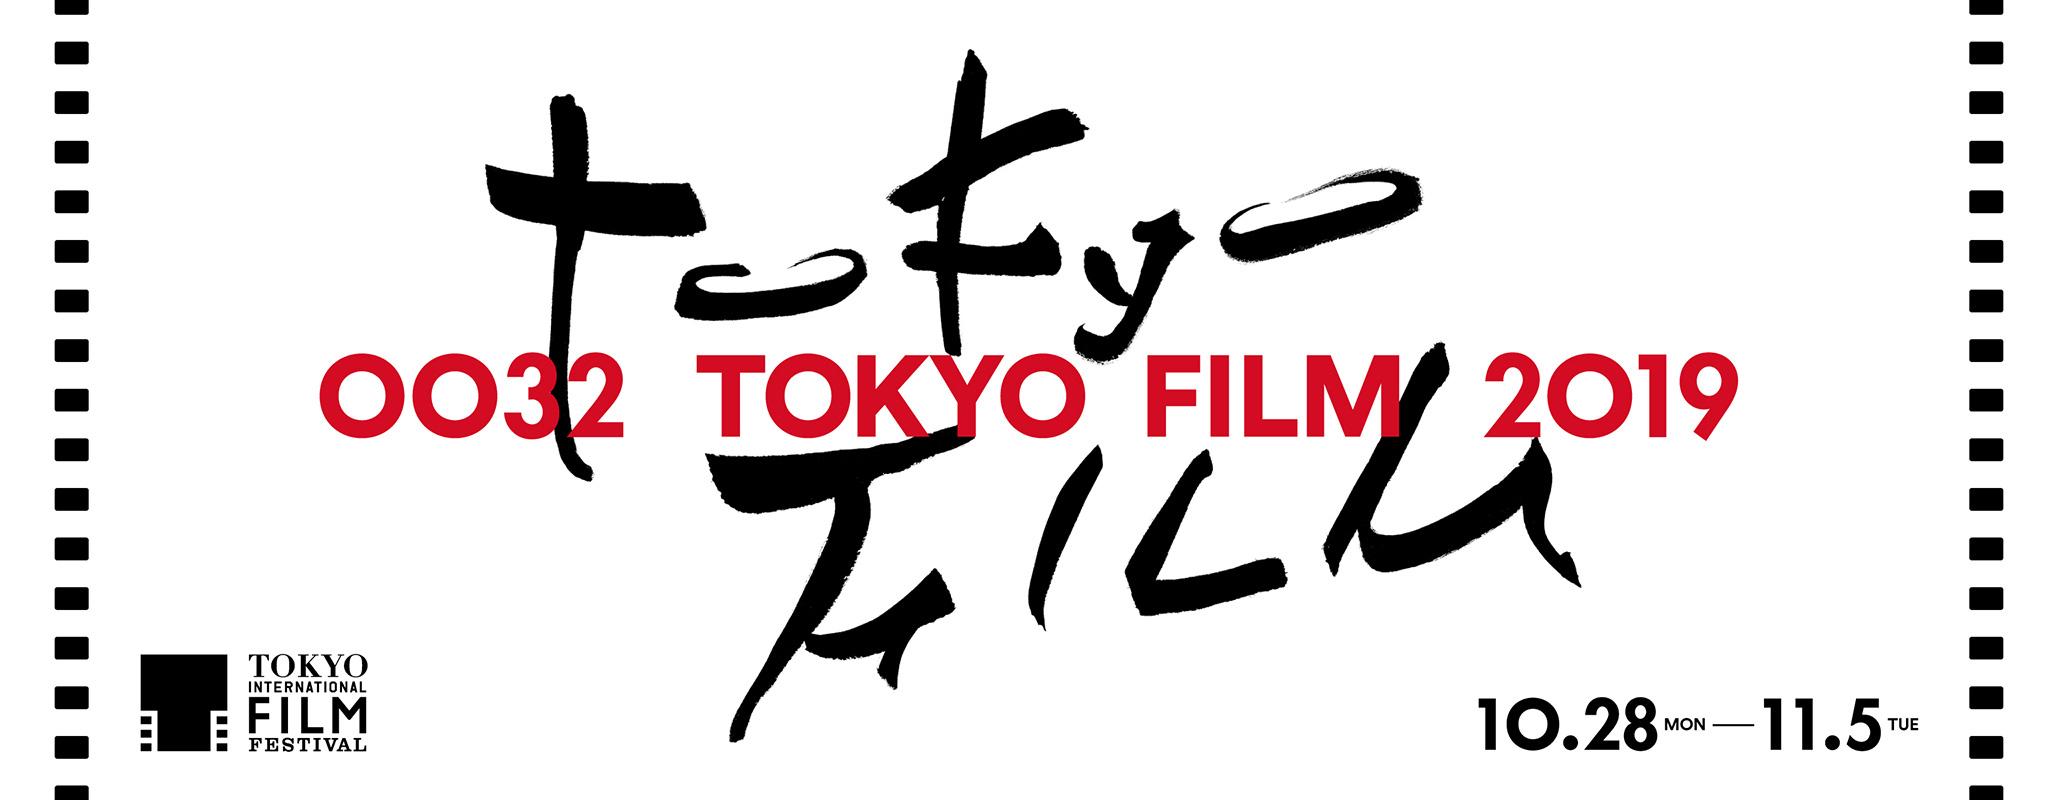 0032_tokyofilm_2019_3